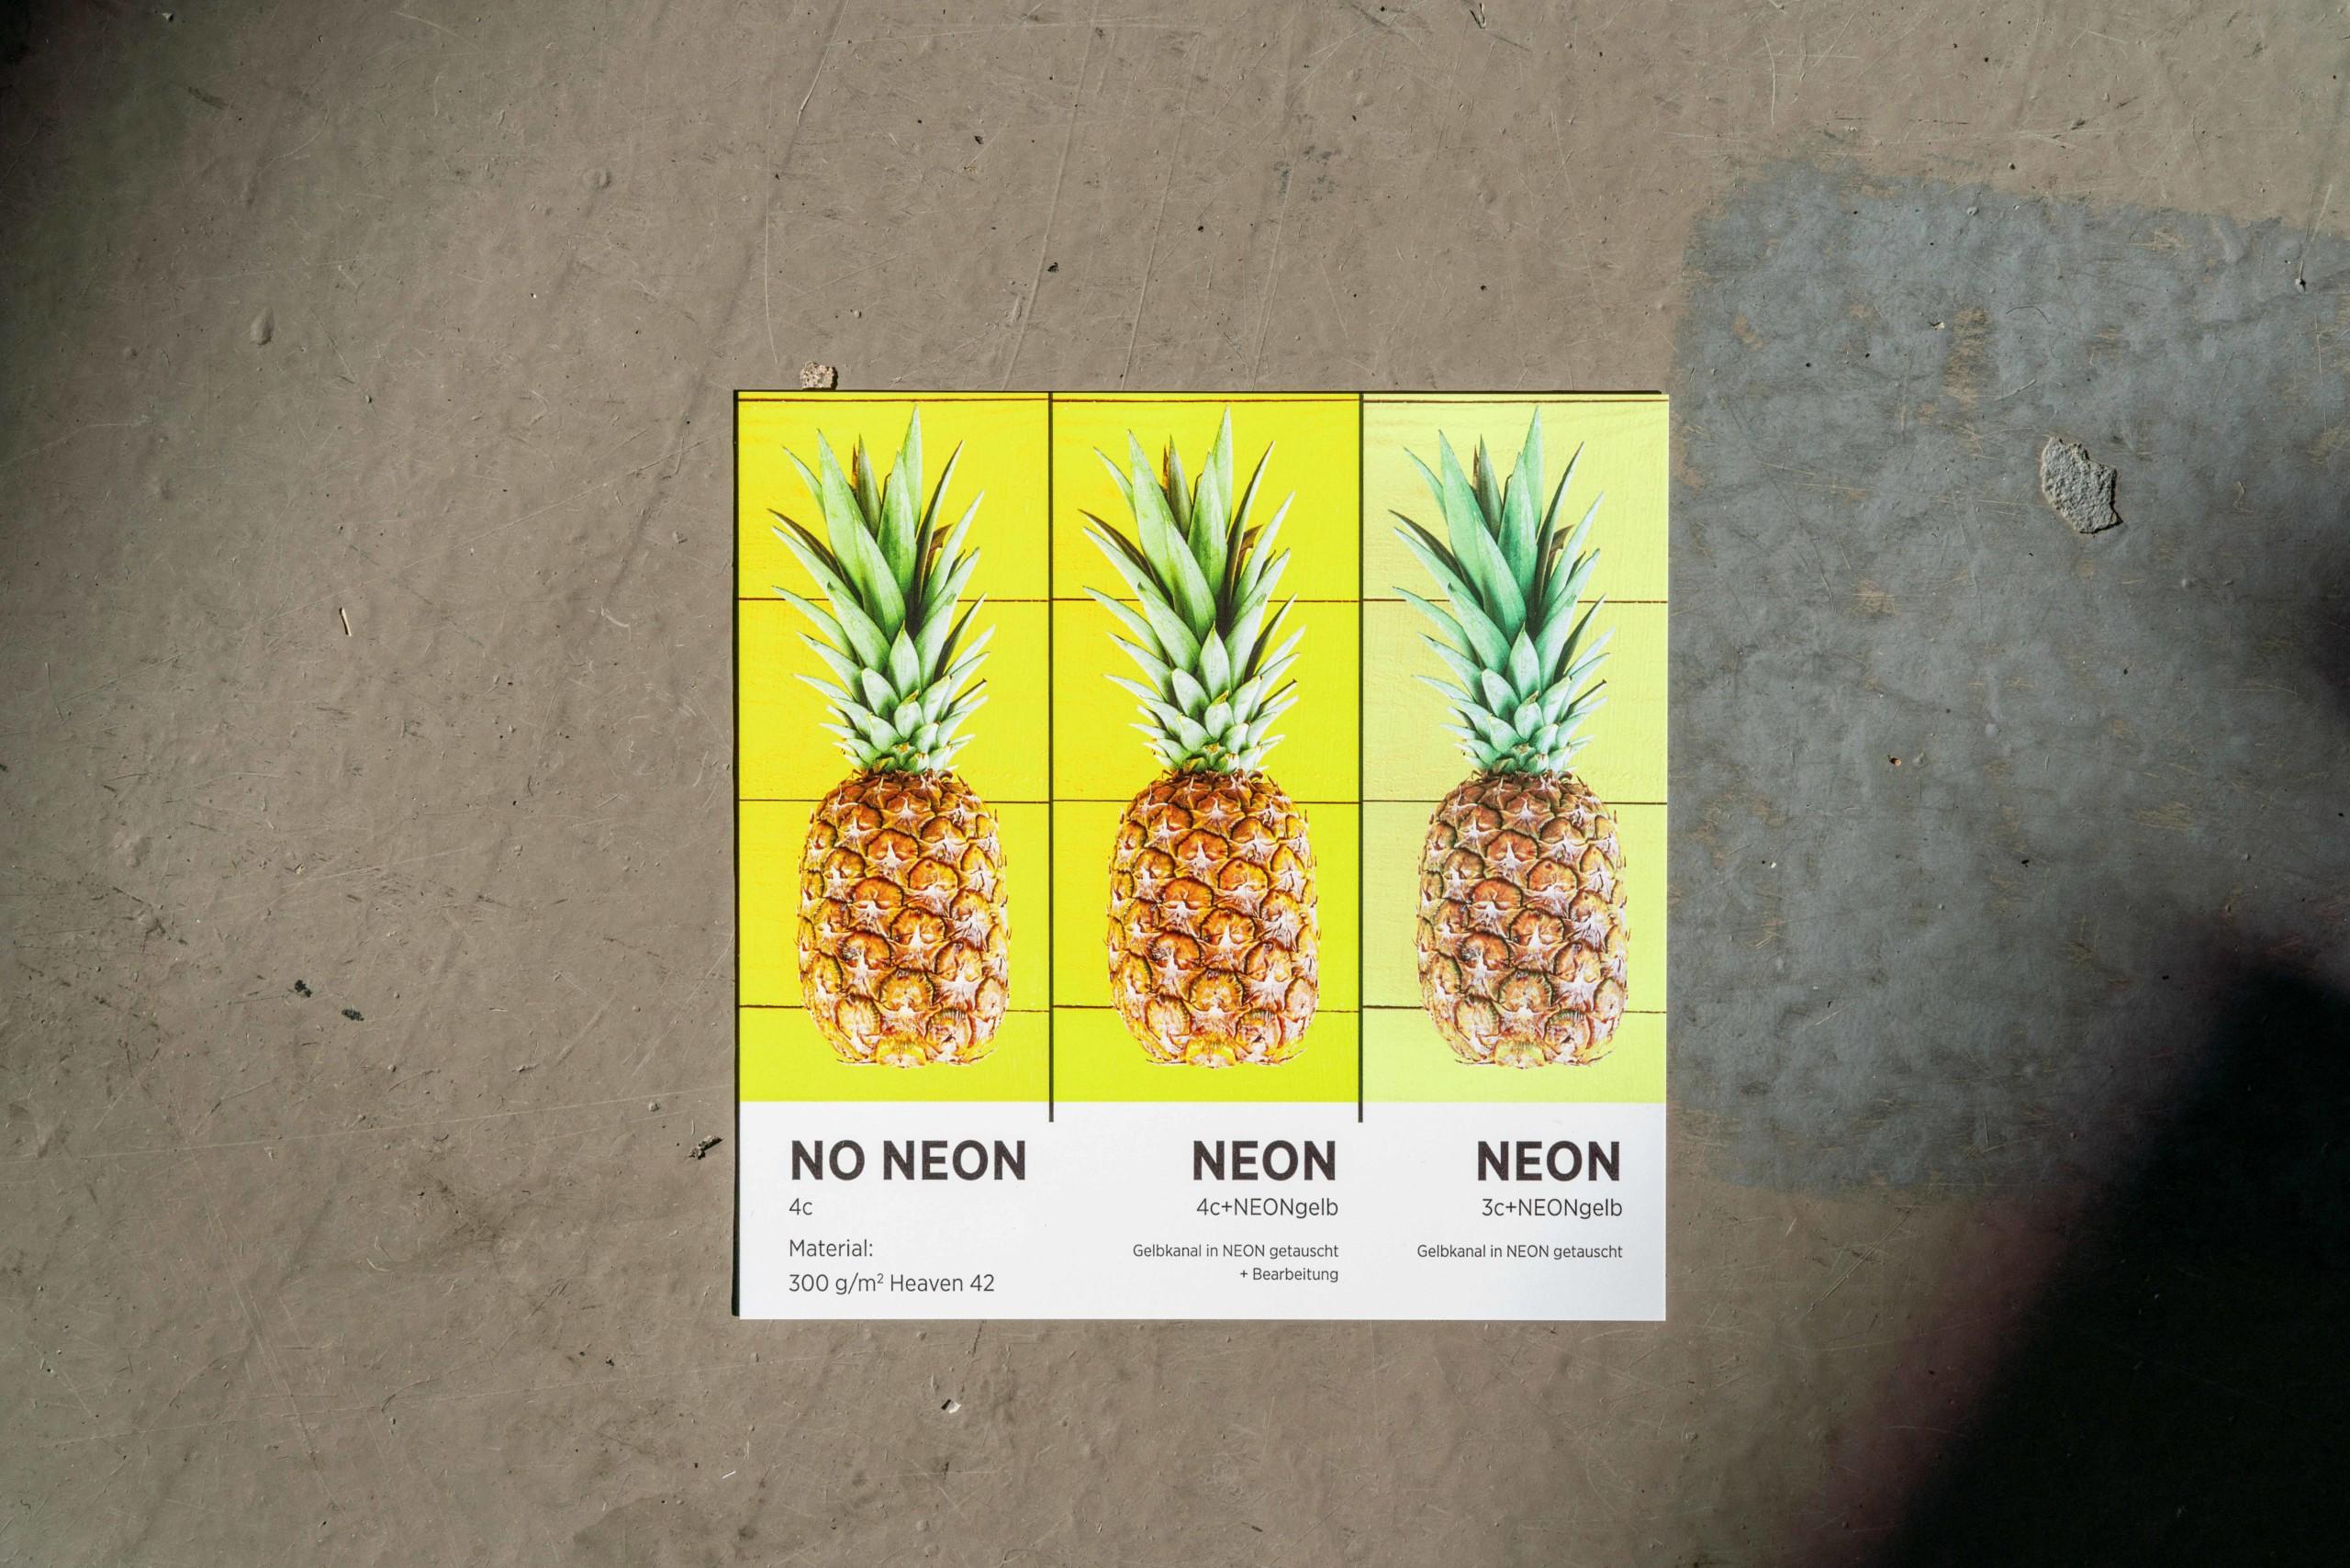 Präsentation wie NEON Gelb sich auf die Farbigkeit eines Motives auswirkt